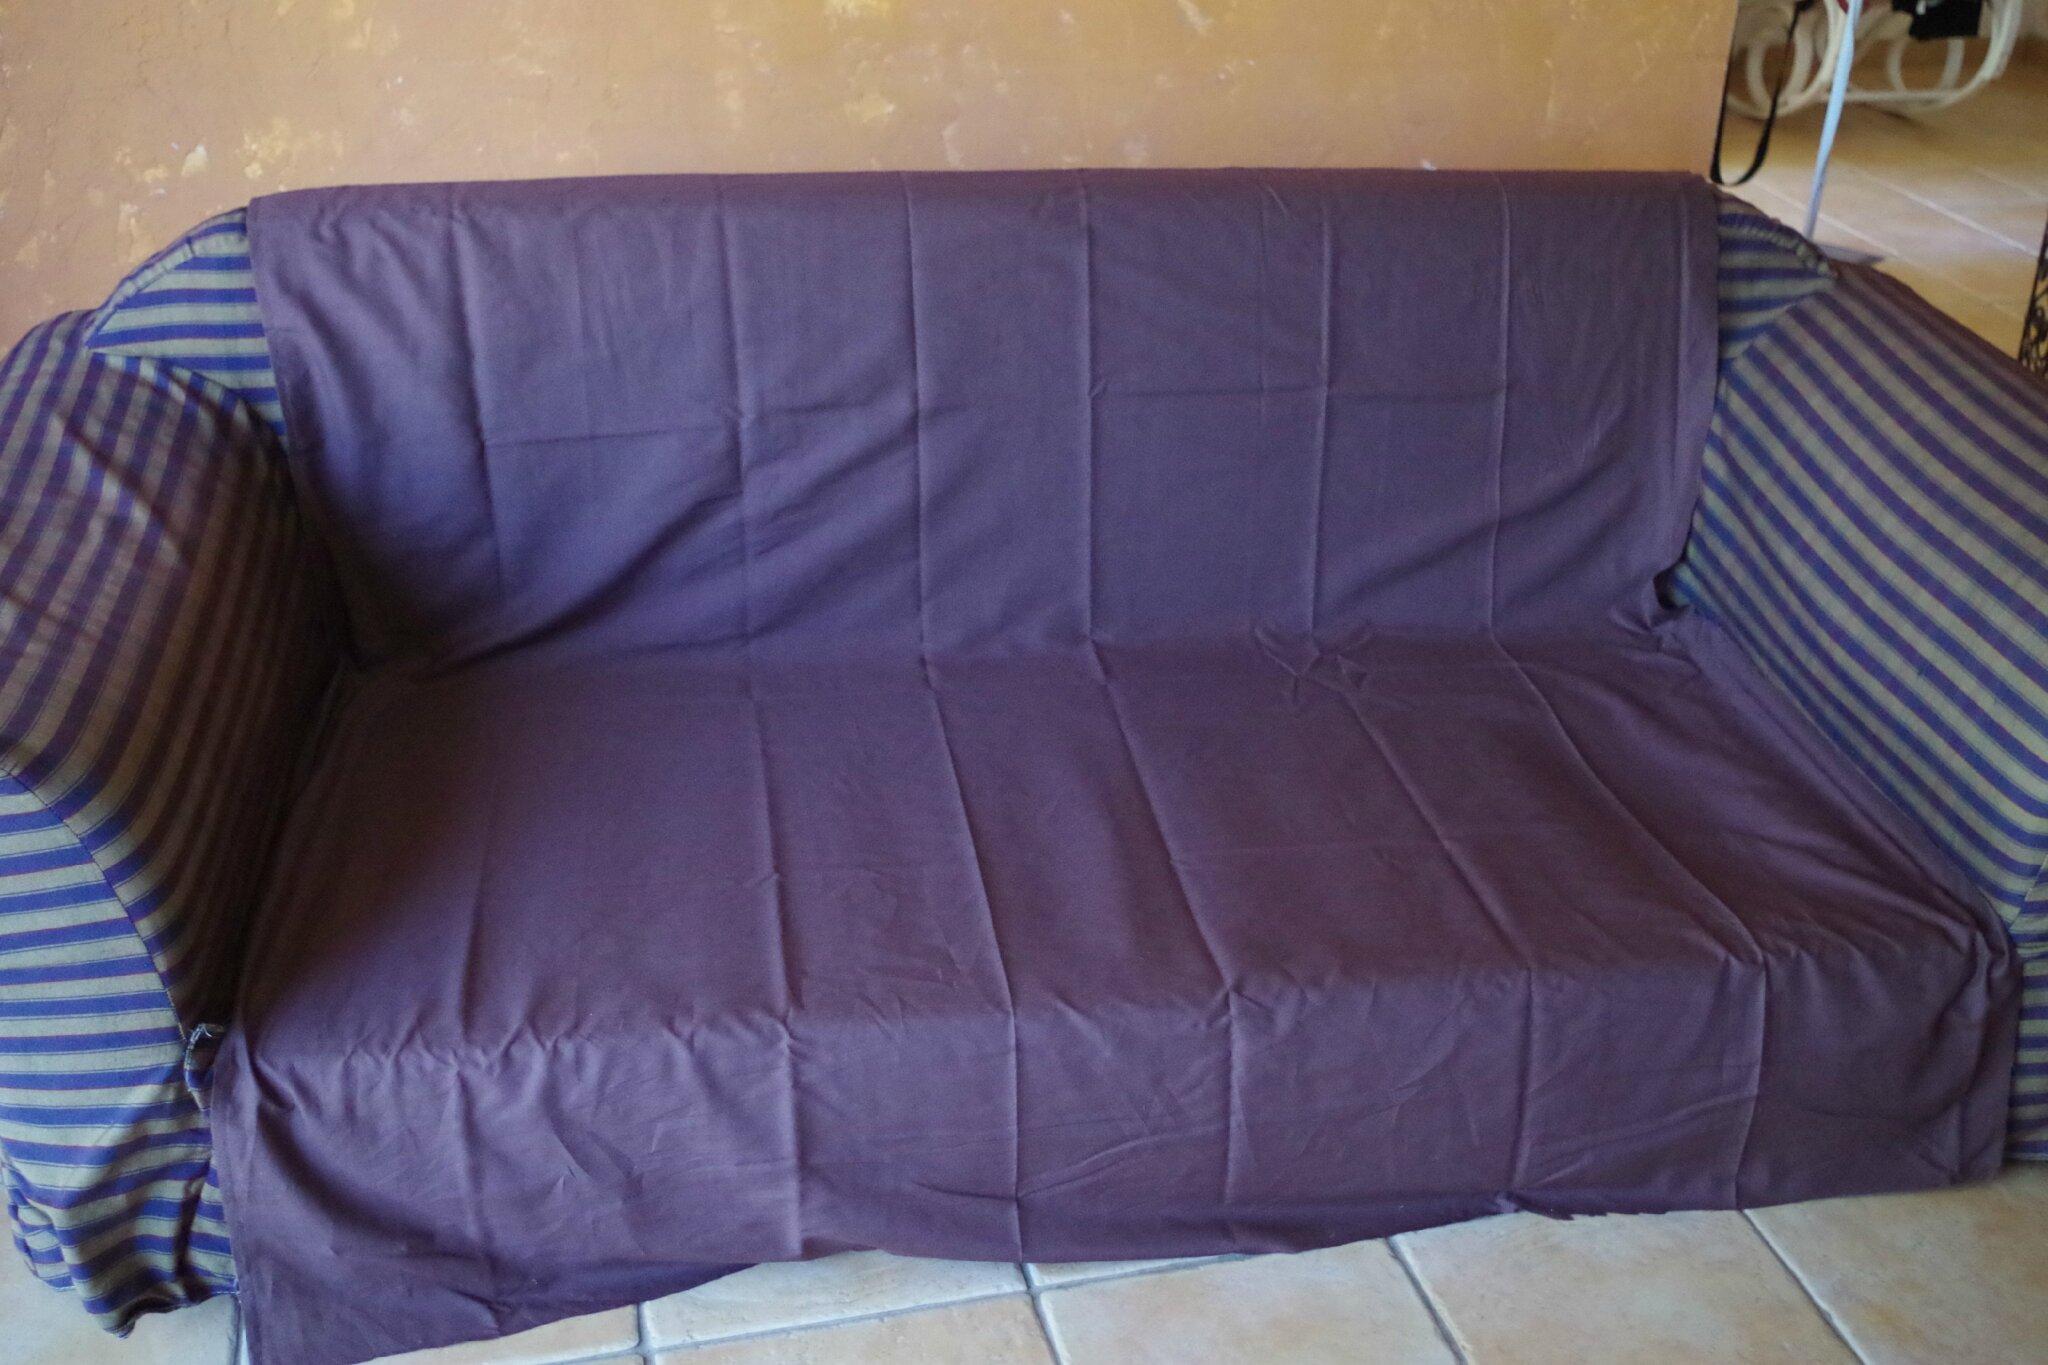 Drap canap latest housse with drap canap latest fauteuil relaxation pour linge de lit pour lit for Housse canape accoudoir plat